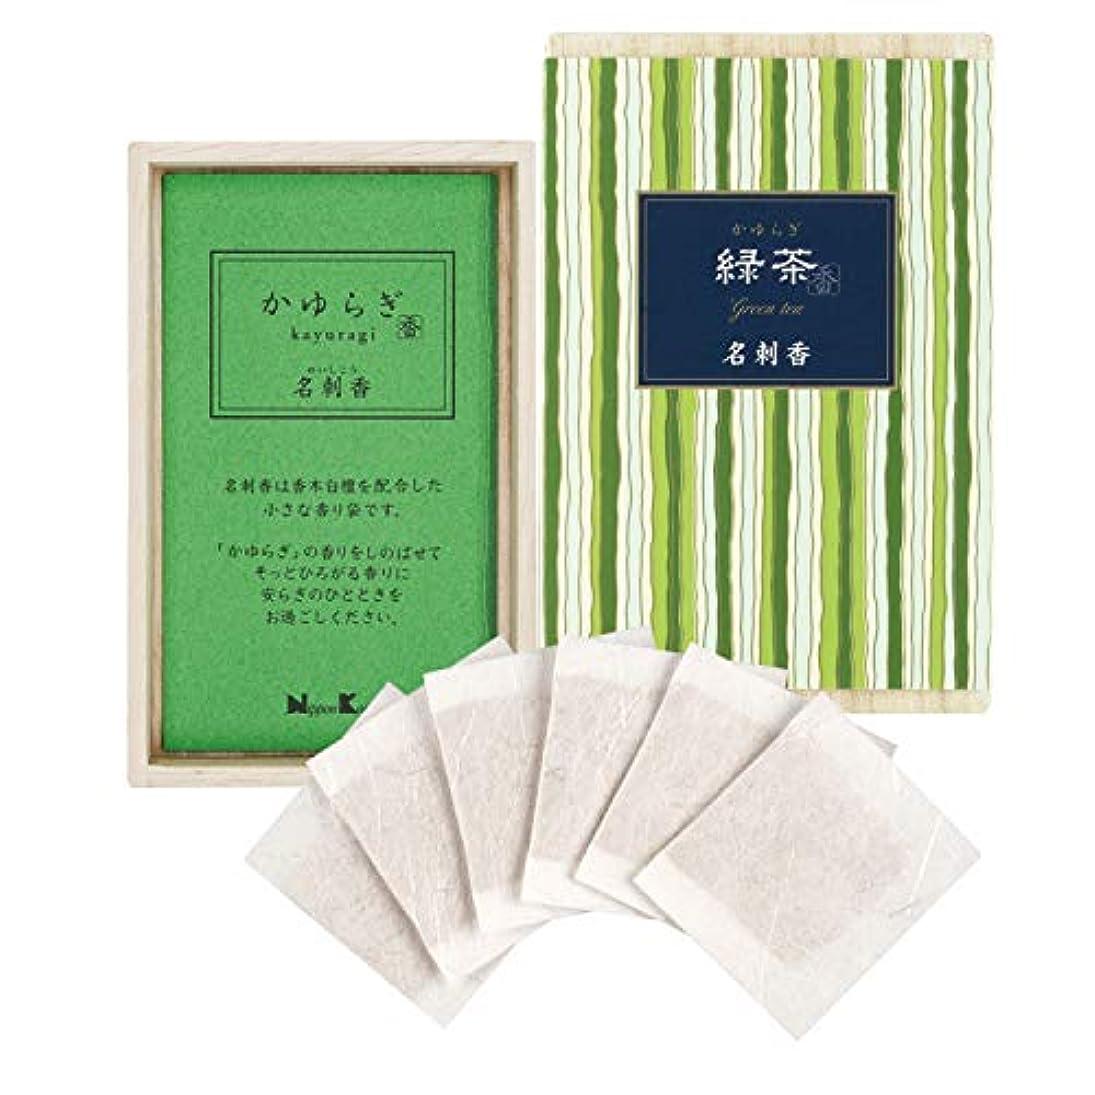 怒っているアマチュア治療かゆらぎ 緑茶 名刺香 桐箱 6入